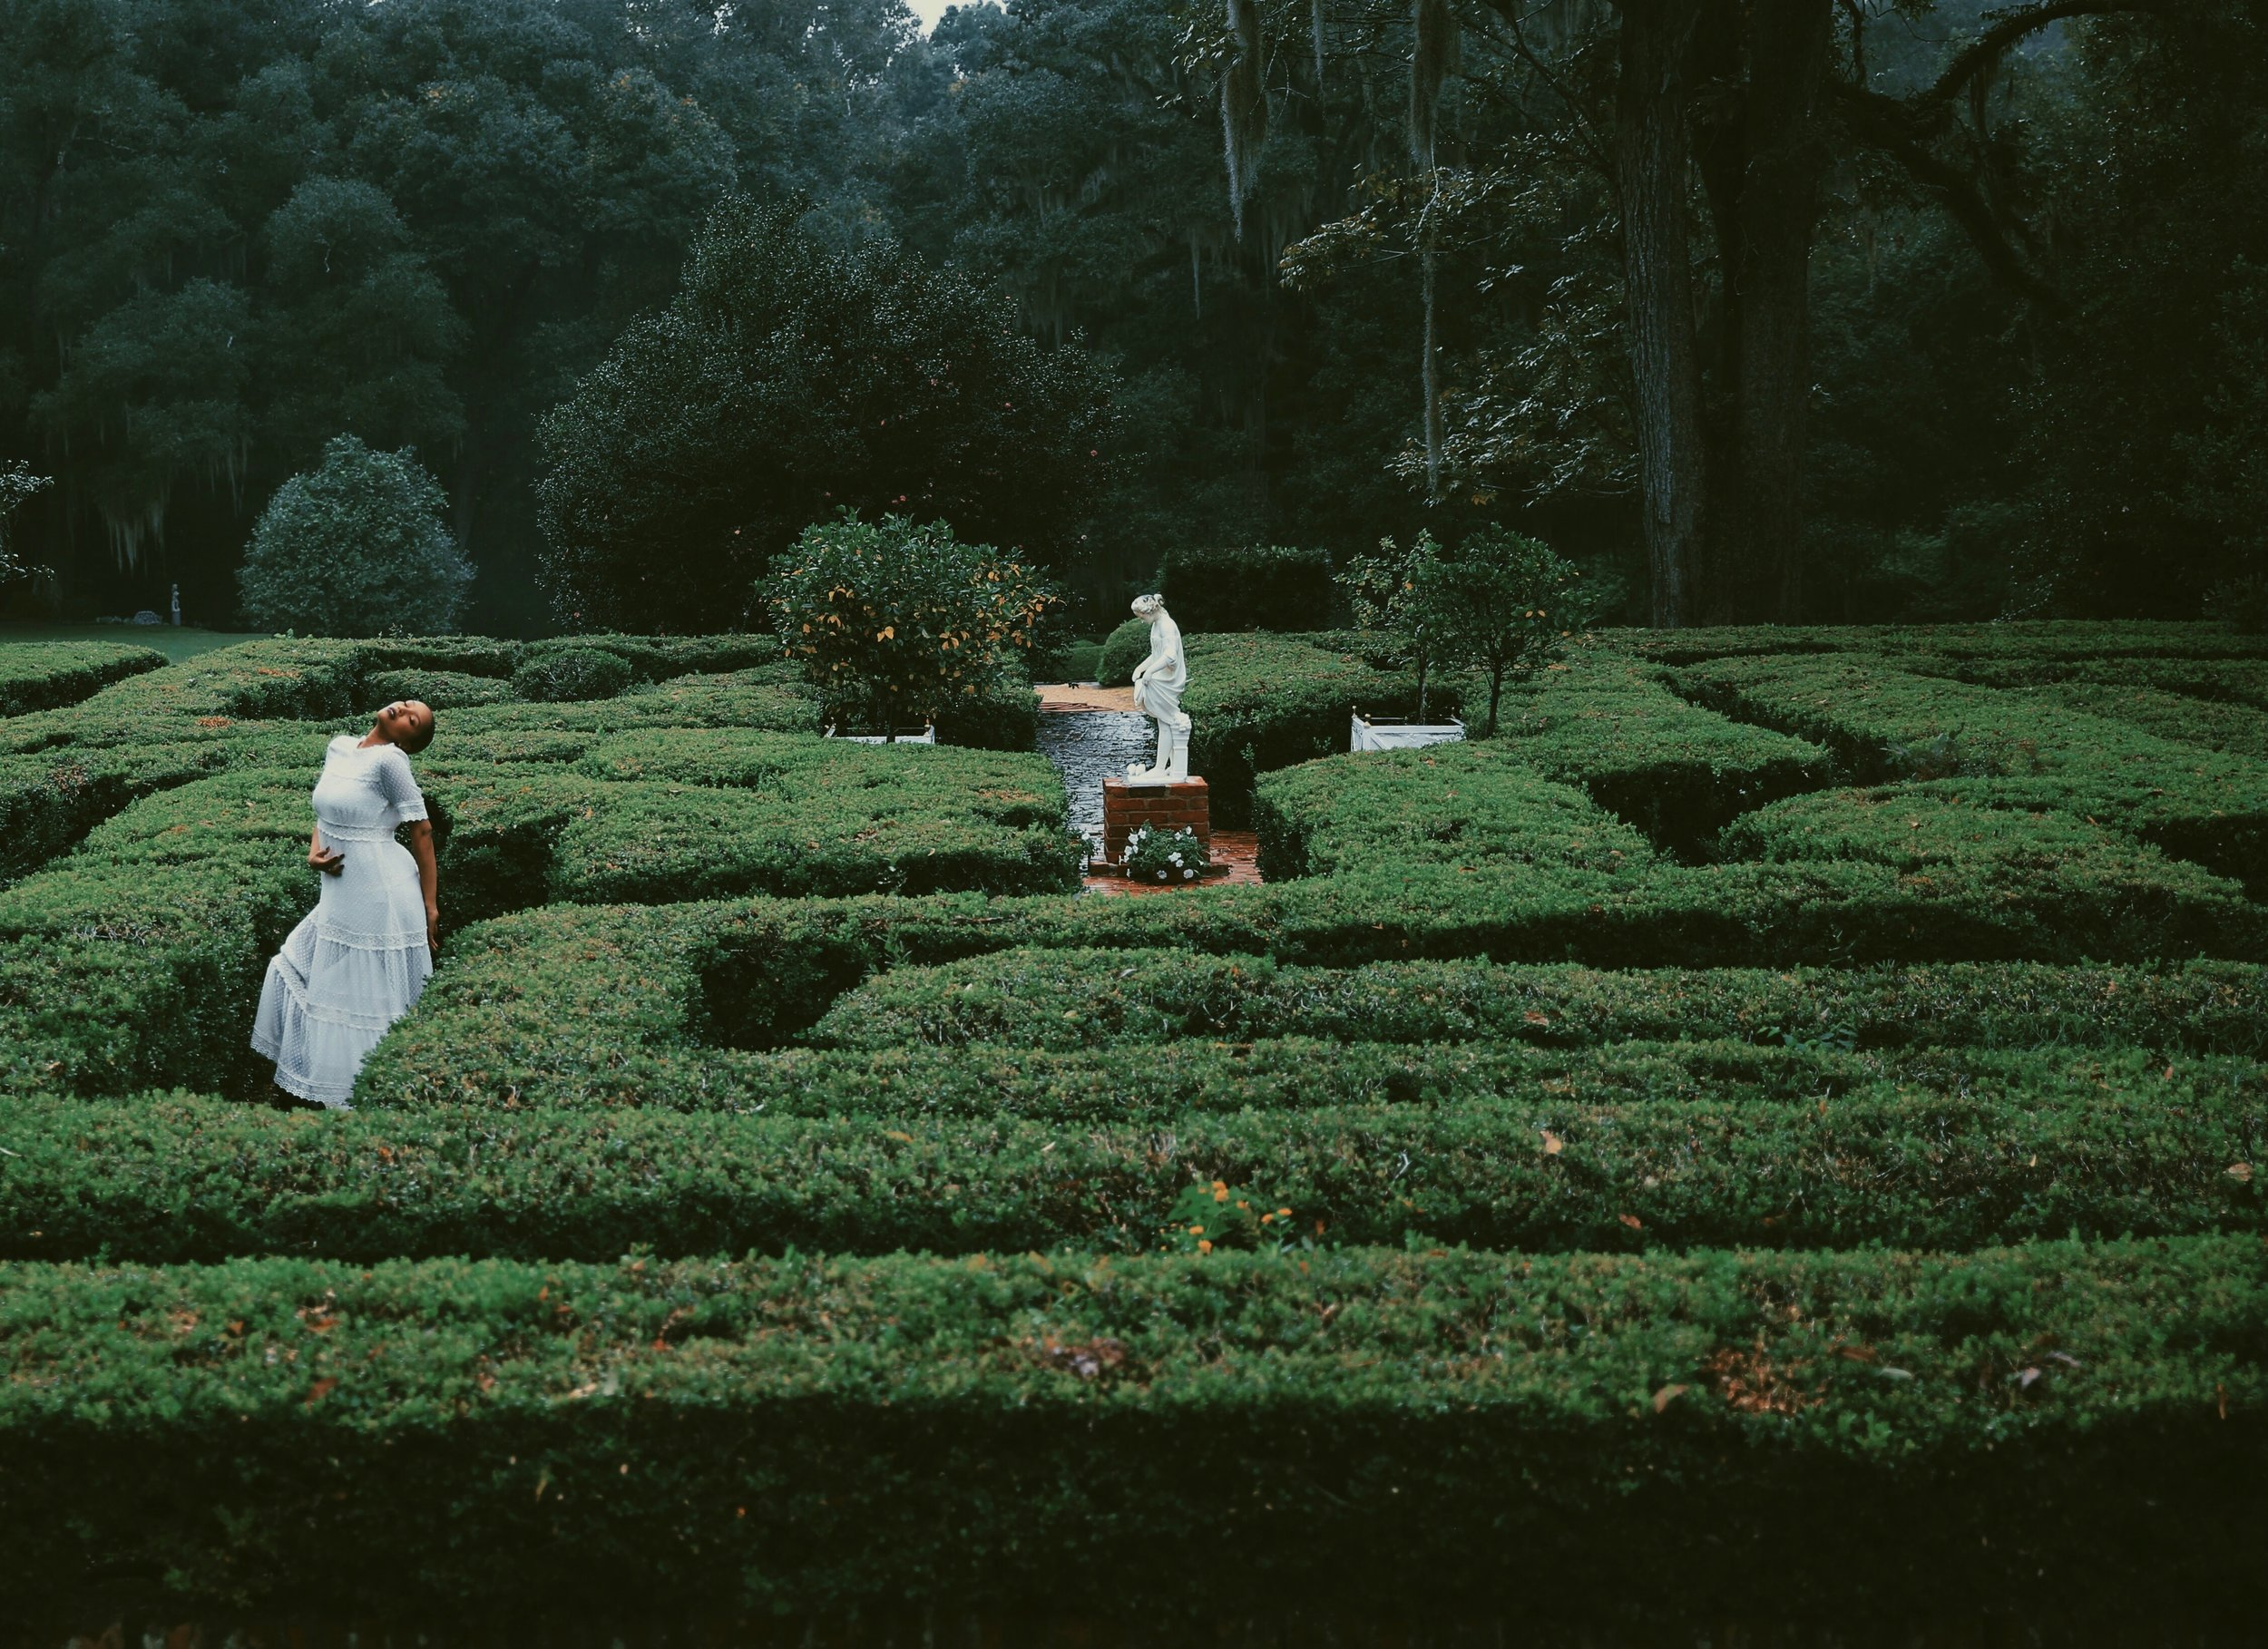 Location- Afton Villa Gardens